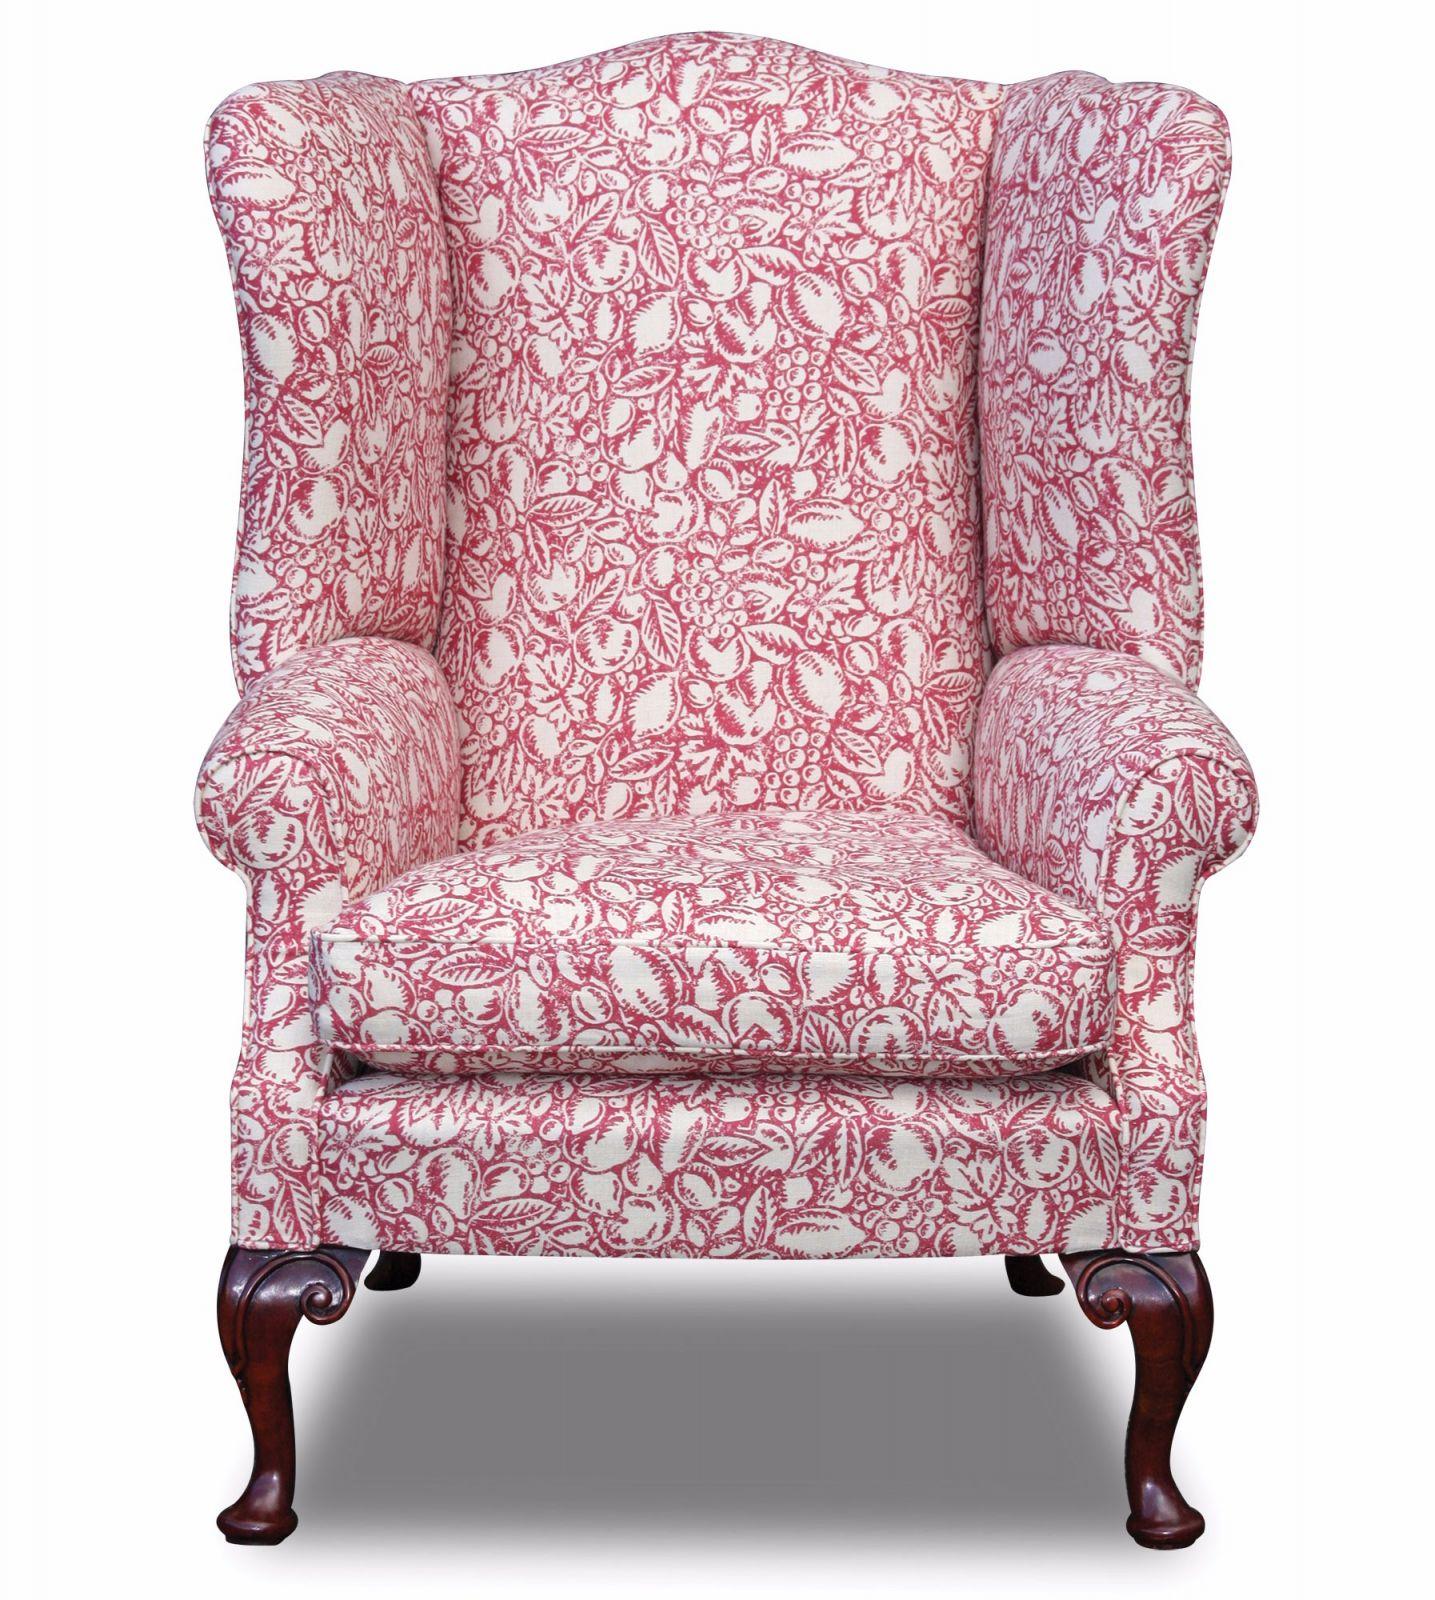 Coleridge Gents wing chair